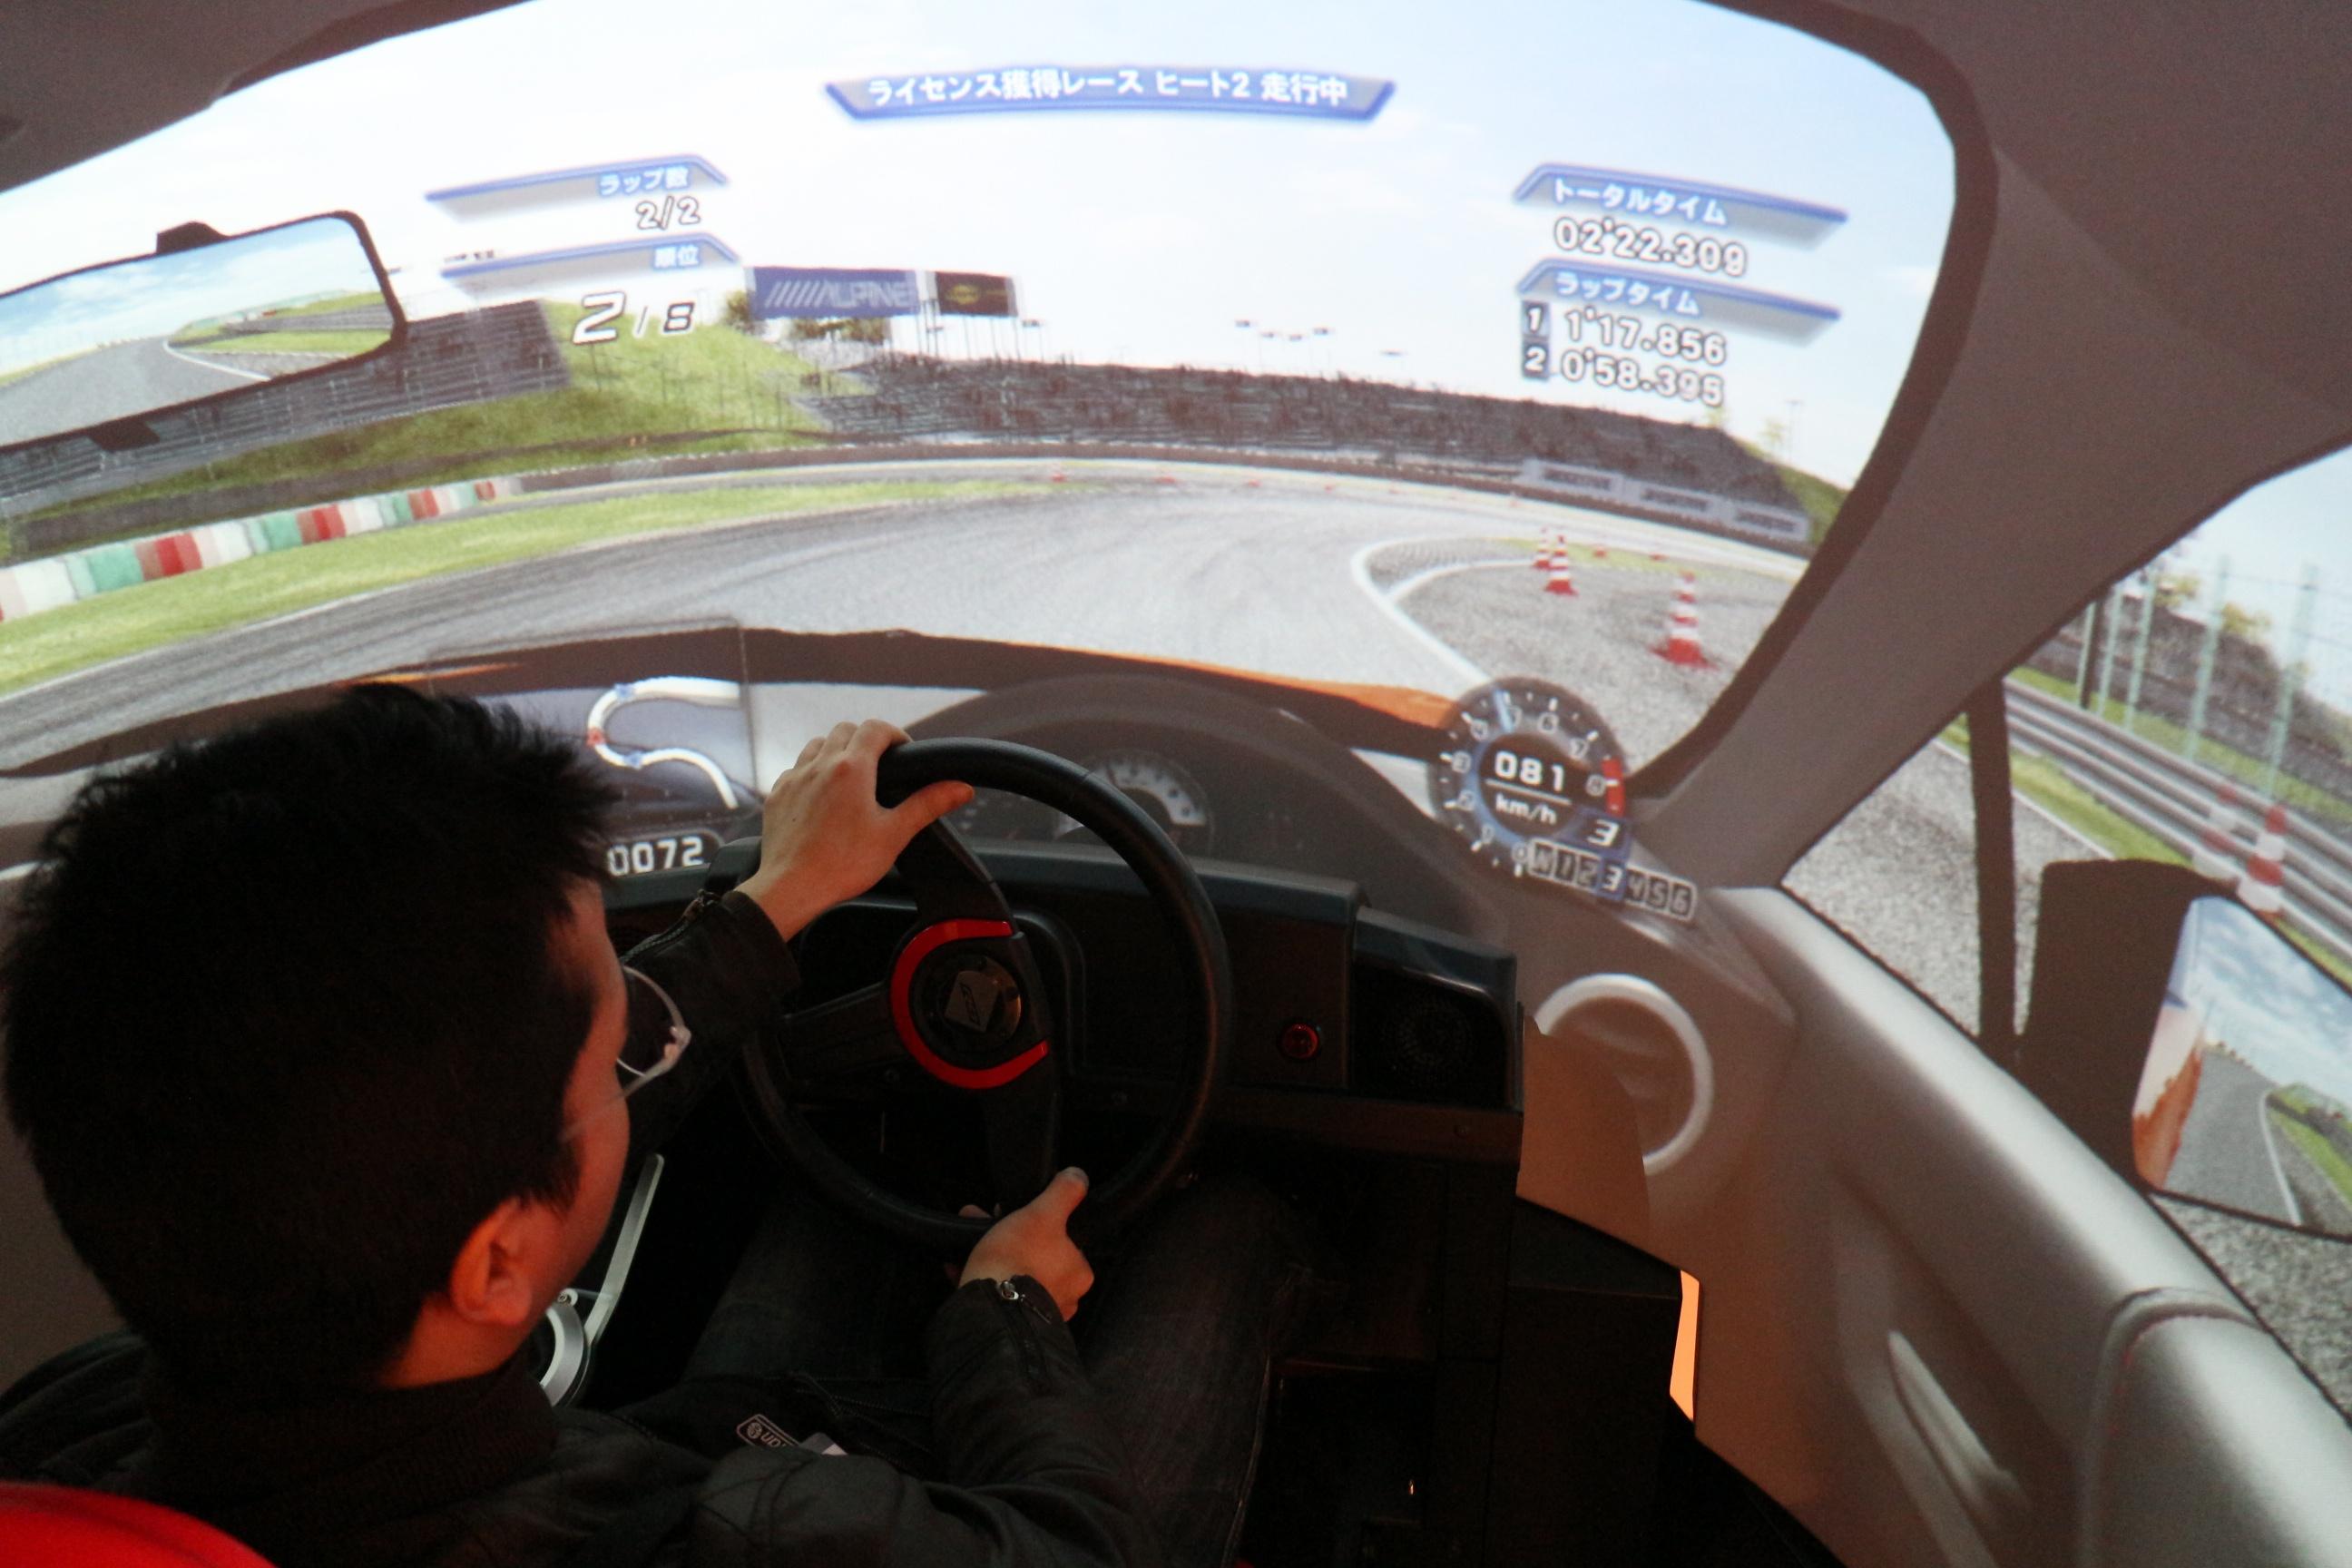 唯一、VRHMDを用いず半球スクリーンで提供されていたカーレースゲーム。実車サイズのコックピット良い臨場感を得られたが、やはりVRでもプレイしてみたかった